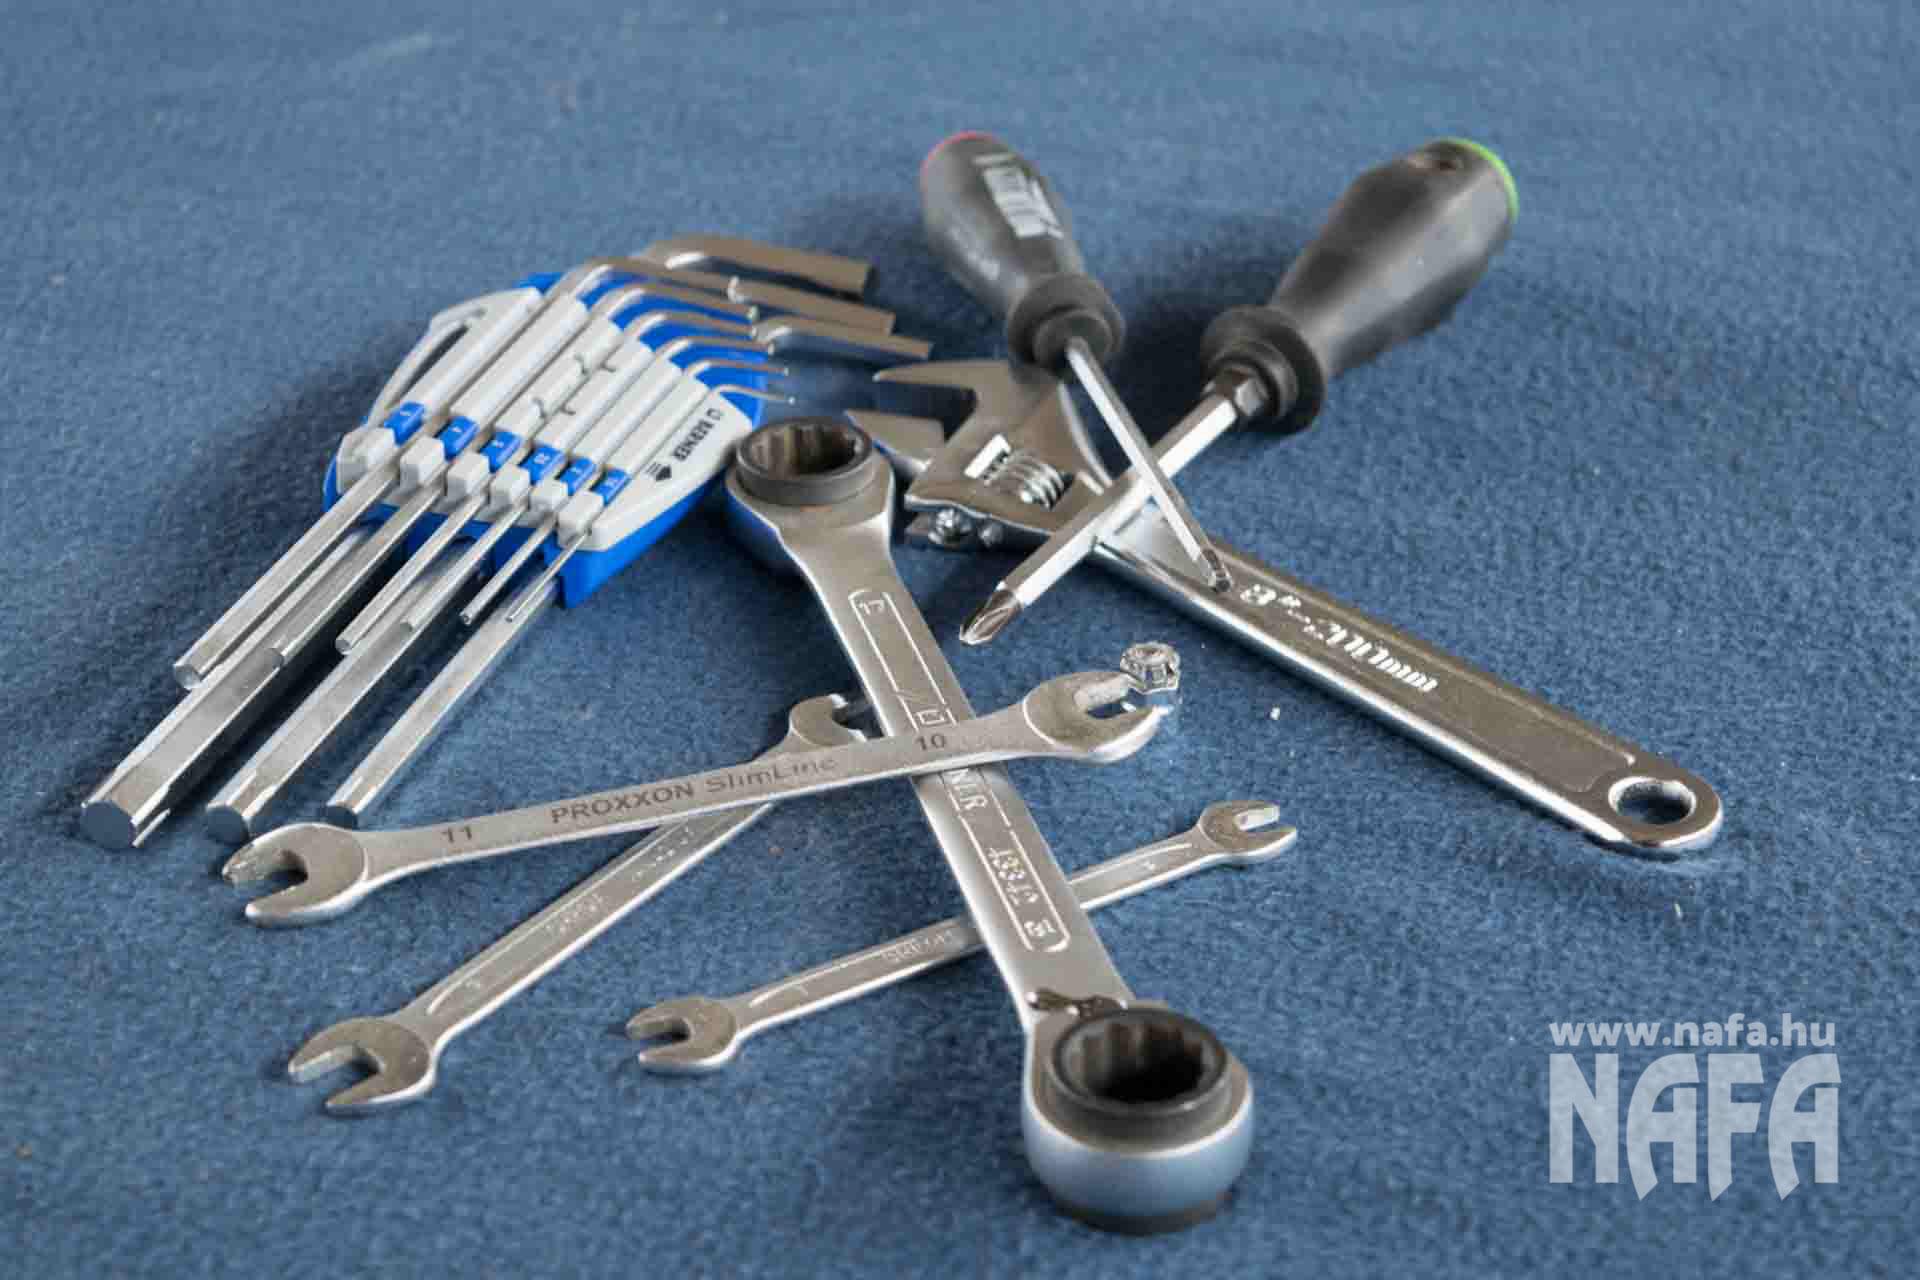 NAFA Kft. Ajtó, Ablak karbantartás, javítás, beállítás, szerelés